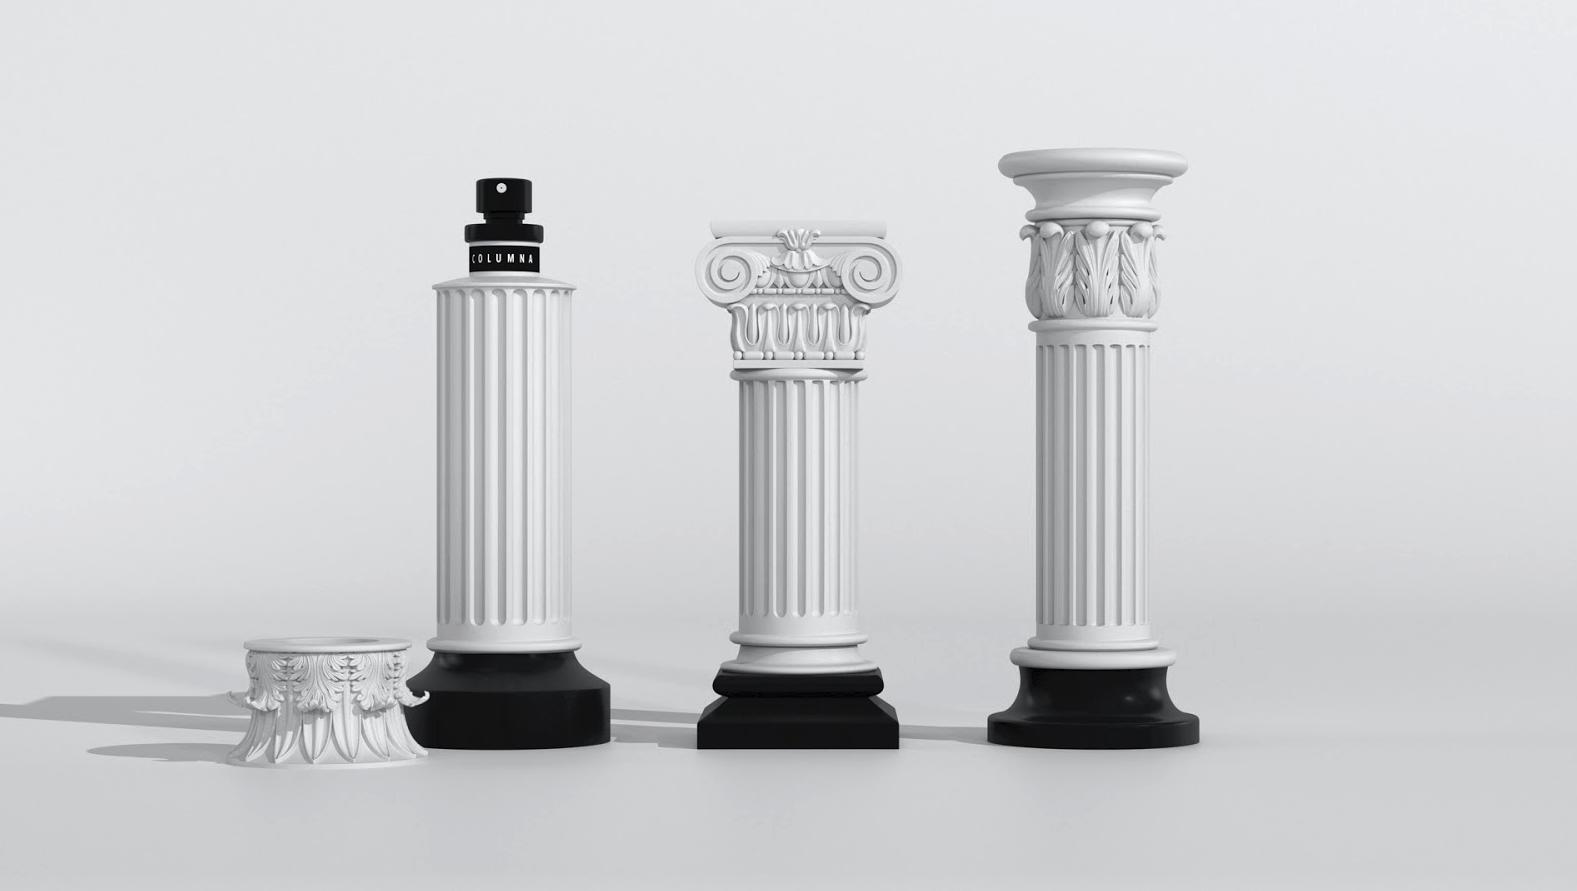 罗马柱香水包装设计